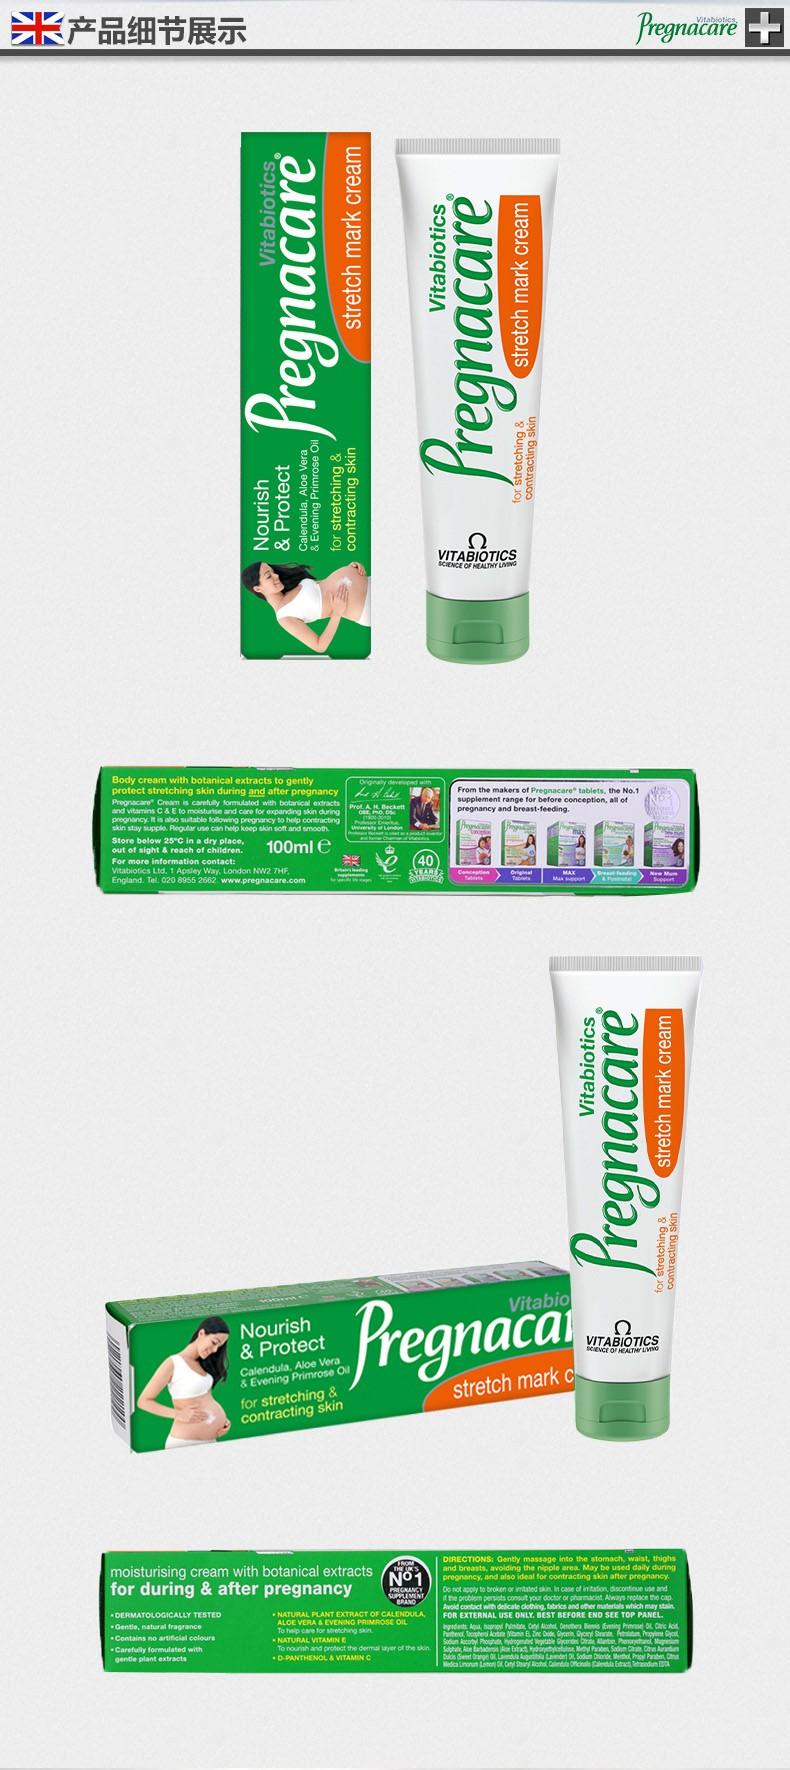 英国vitabiotics pregnacare孕妇淡化妊娠纹产后修复霜100ml*2¥148.00 产品系列 第8张